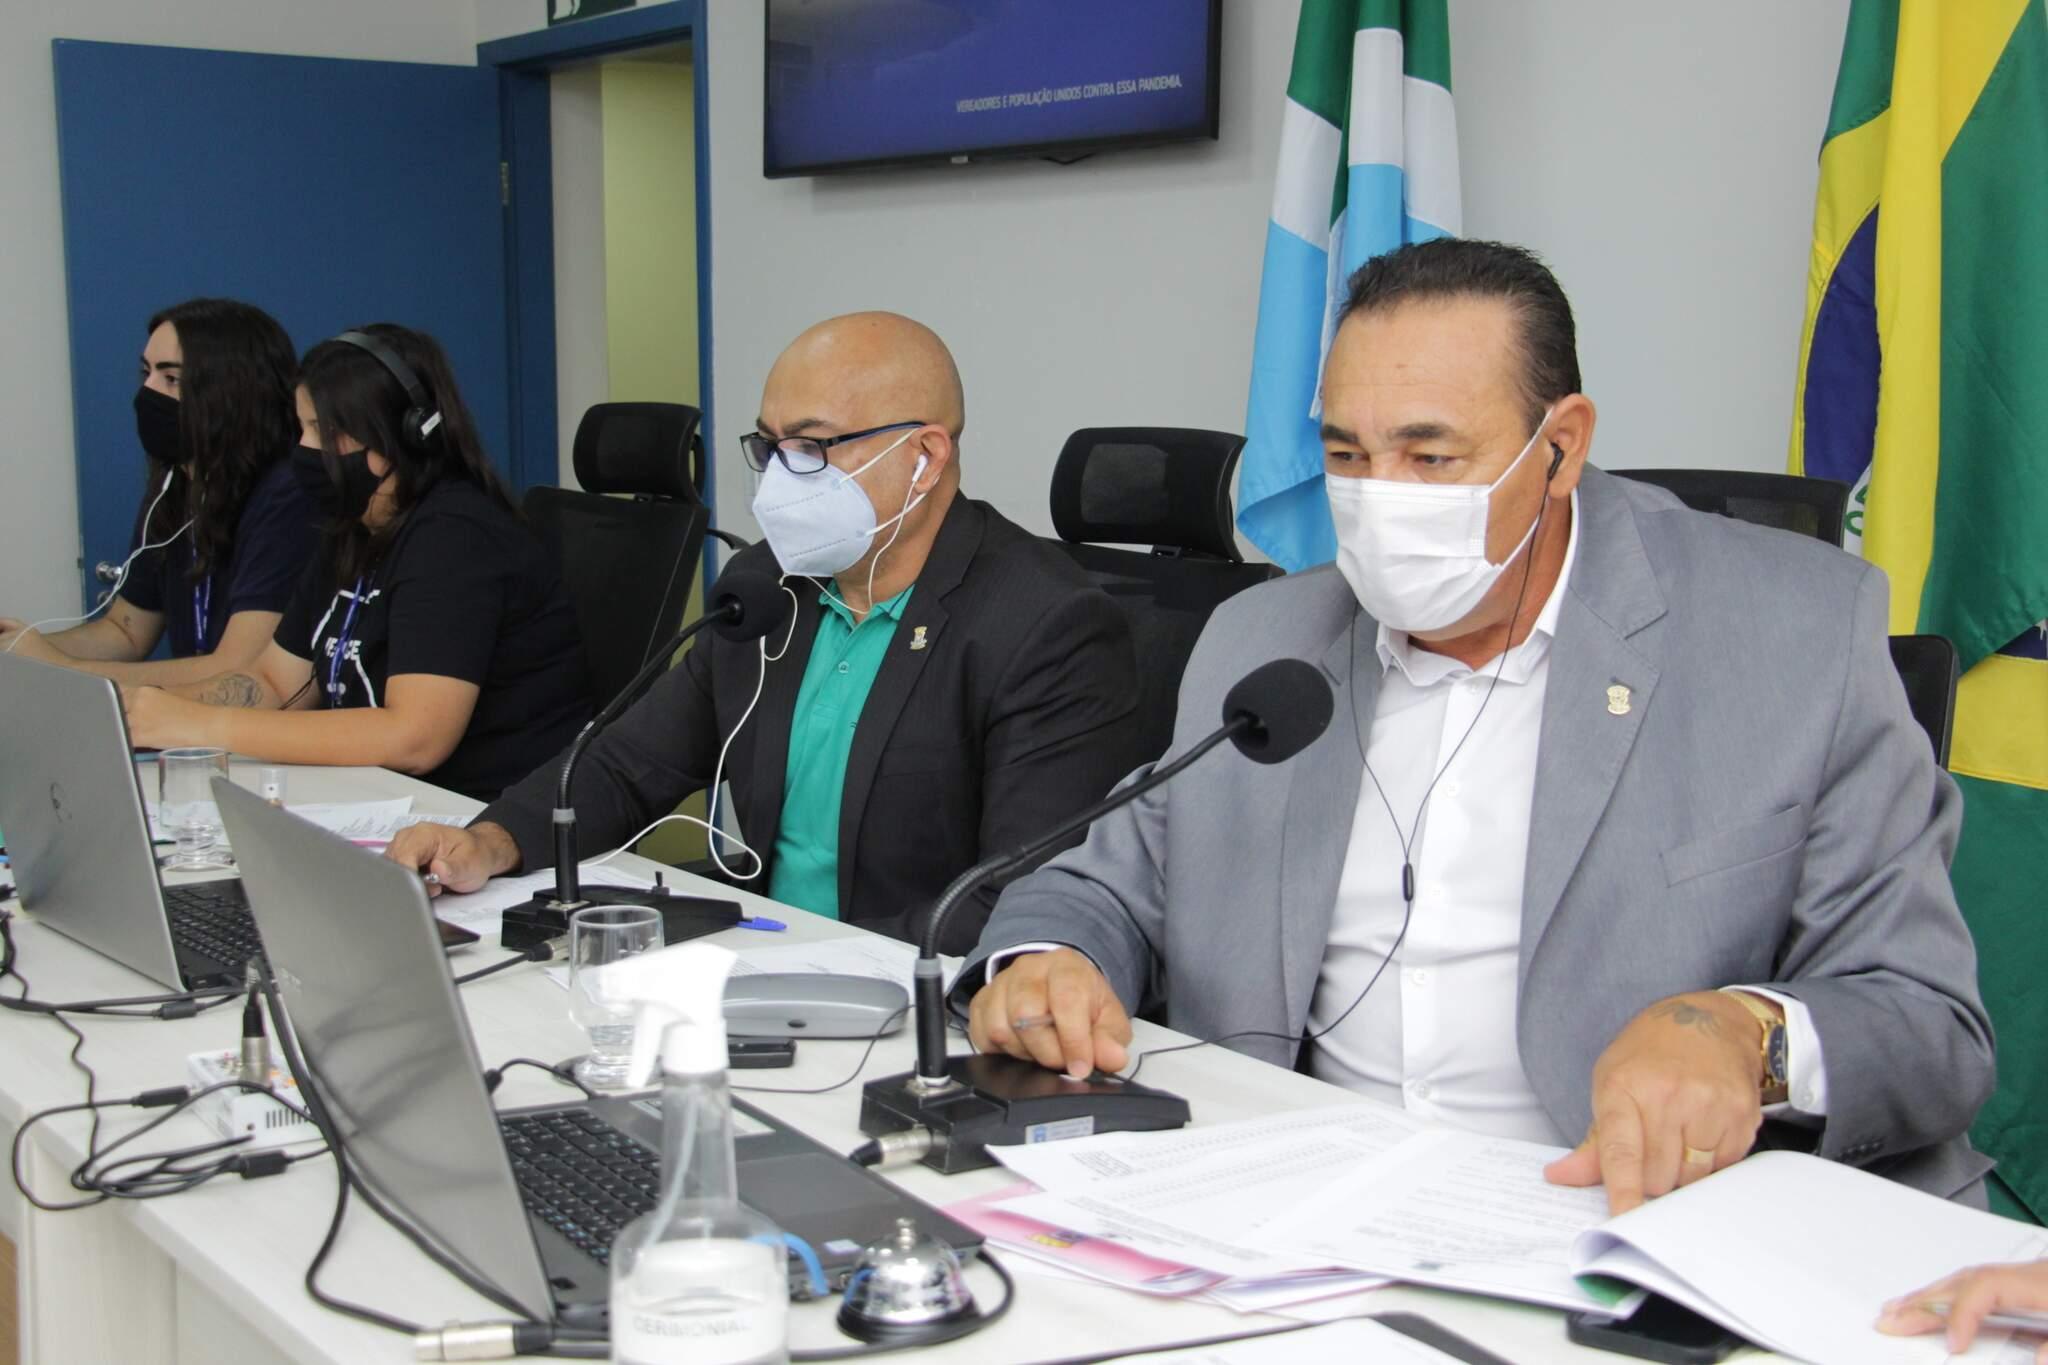 Presidente da Câmara, Carlos Augusto Borges (PSB), e o 3º secretário, Ronilço Guerreiro (Podemos), durante sessão ordinária (Foto: Divulgação/Câmara Municipal)